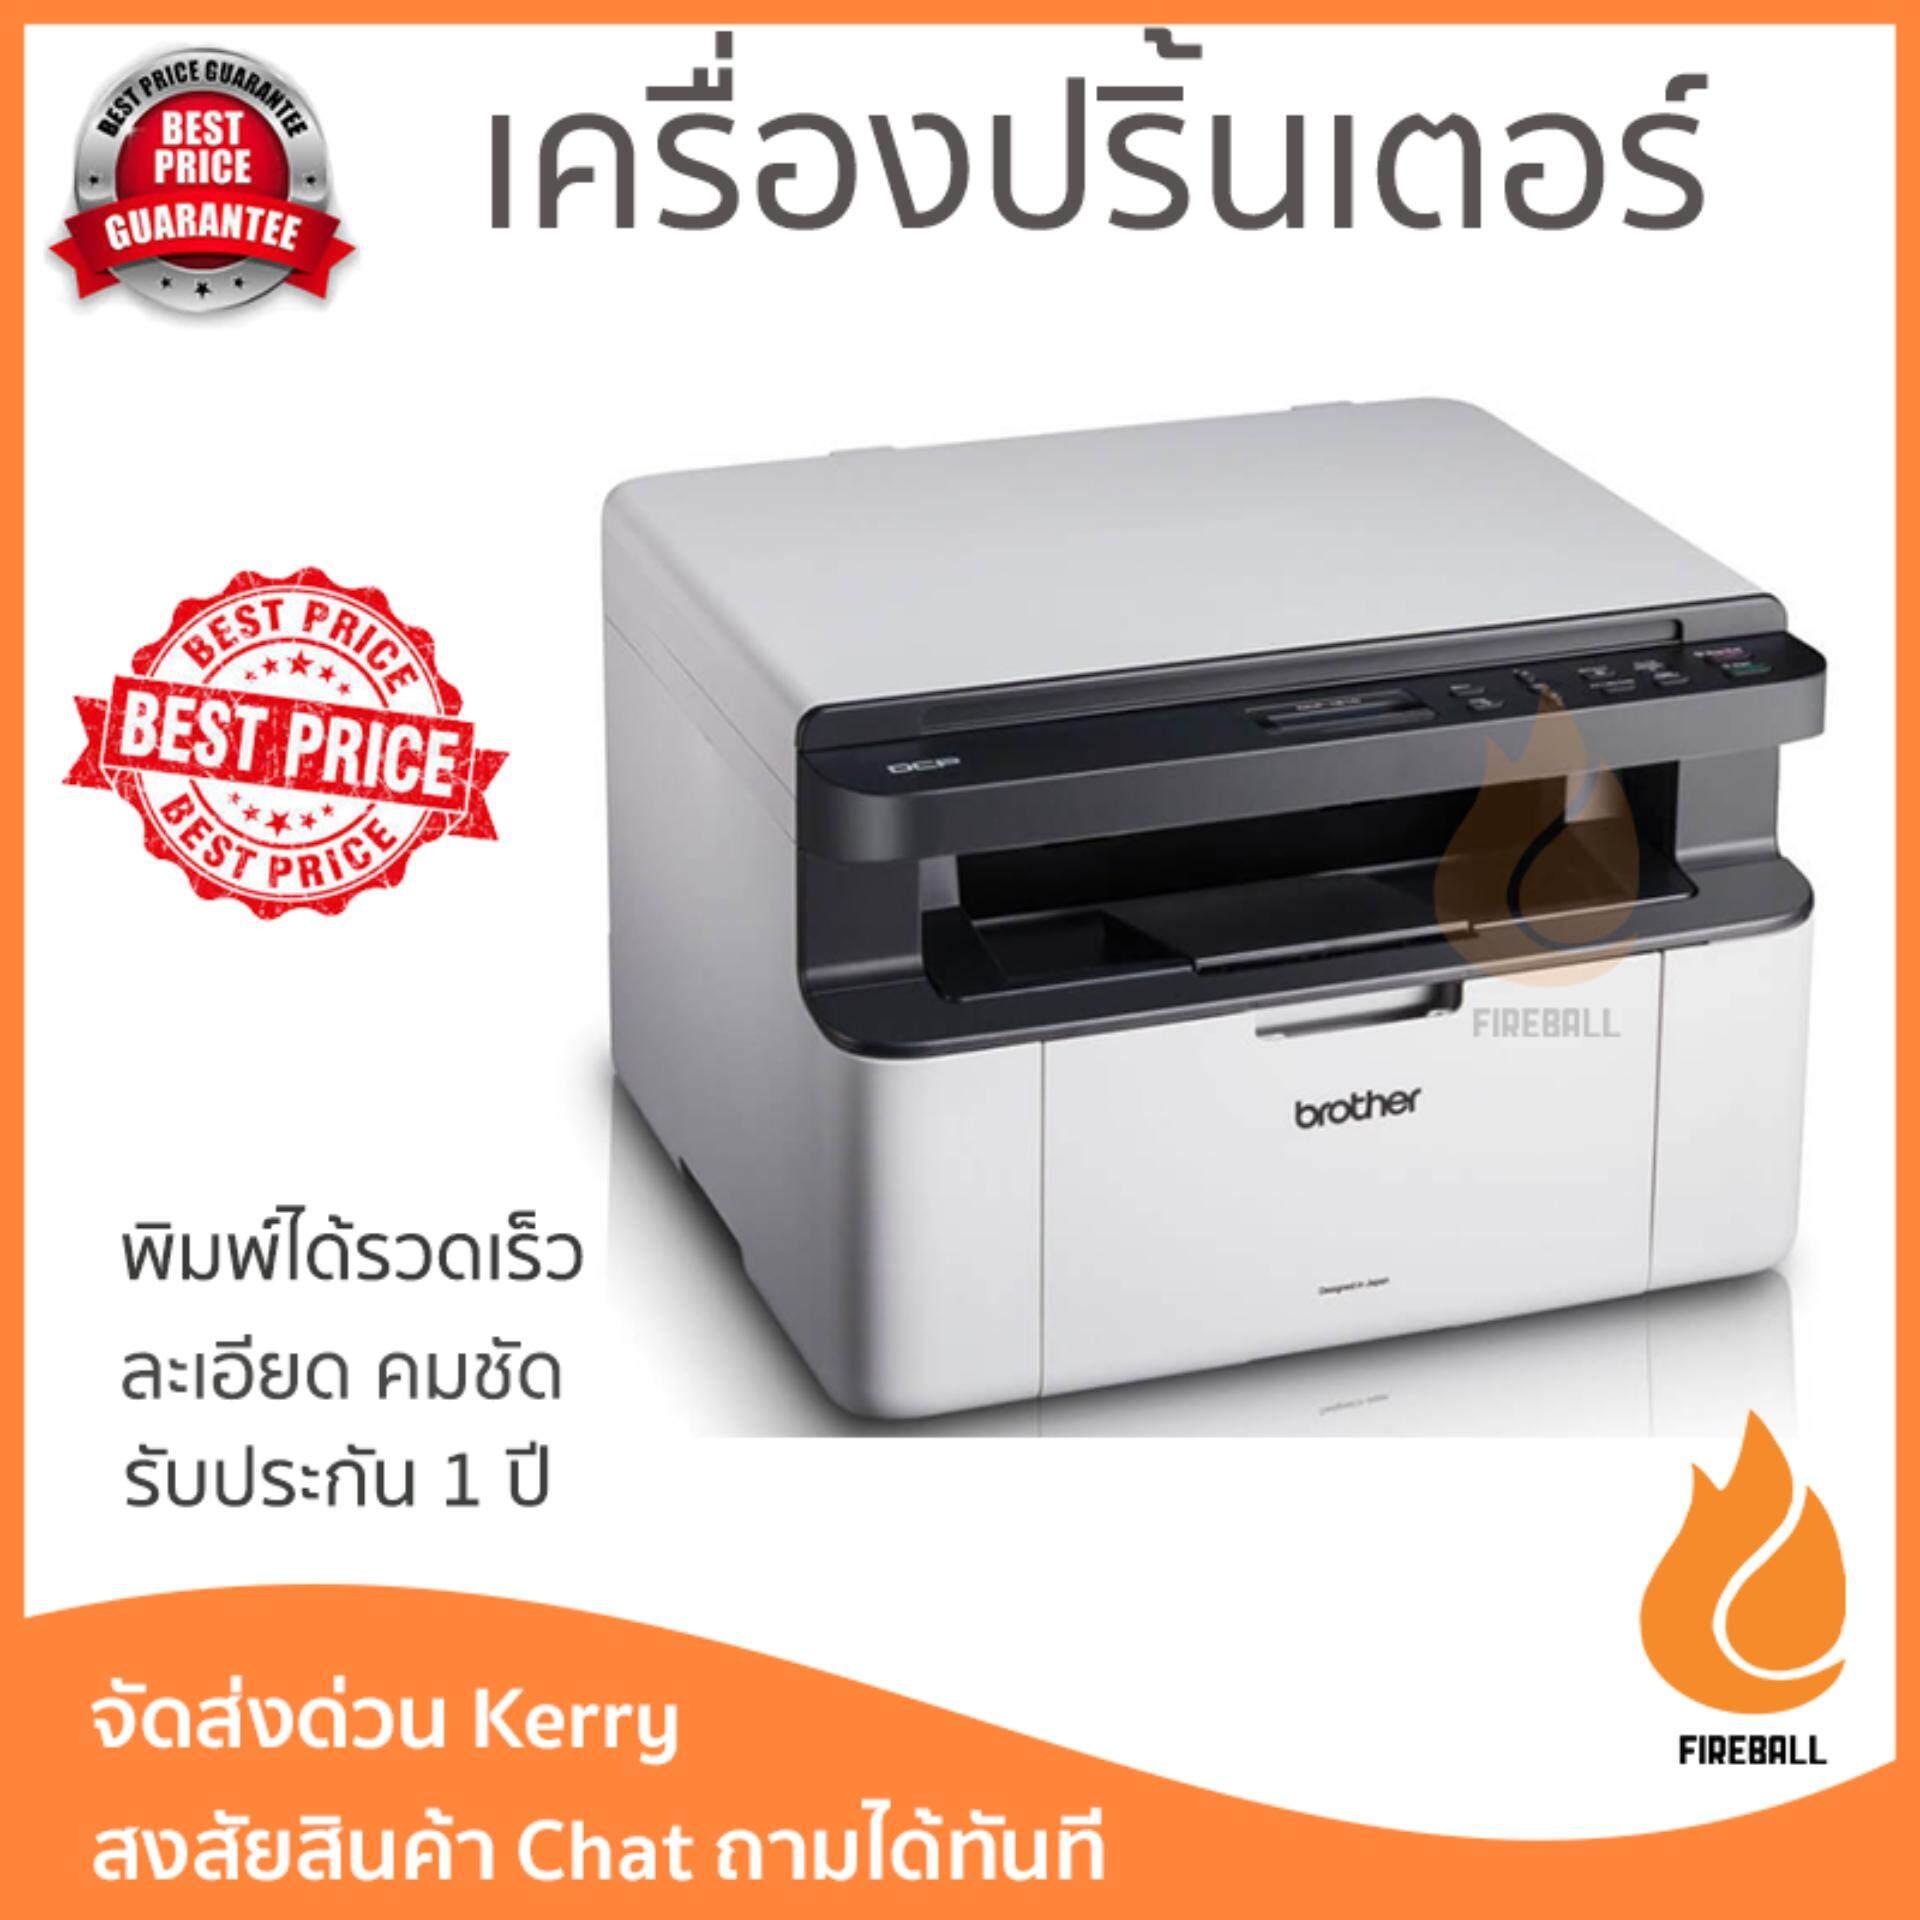 เก็บเงินปลายทางได้ โปรโมชัน เครื่องพิมพ์เลเซอร์           BROTHER ปริ้นเตอร์ รุ่น MULTI LS3IN1 DCP-1510             ความละเอียดสูง คมชัด พิมพ์ได้รวดเร็ว เครื่องปริ้น เครื่องปริ้นท์ Laser Printer รับปร